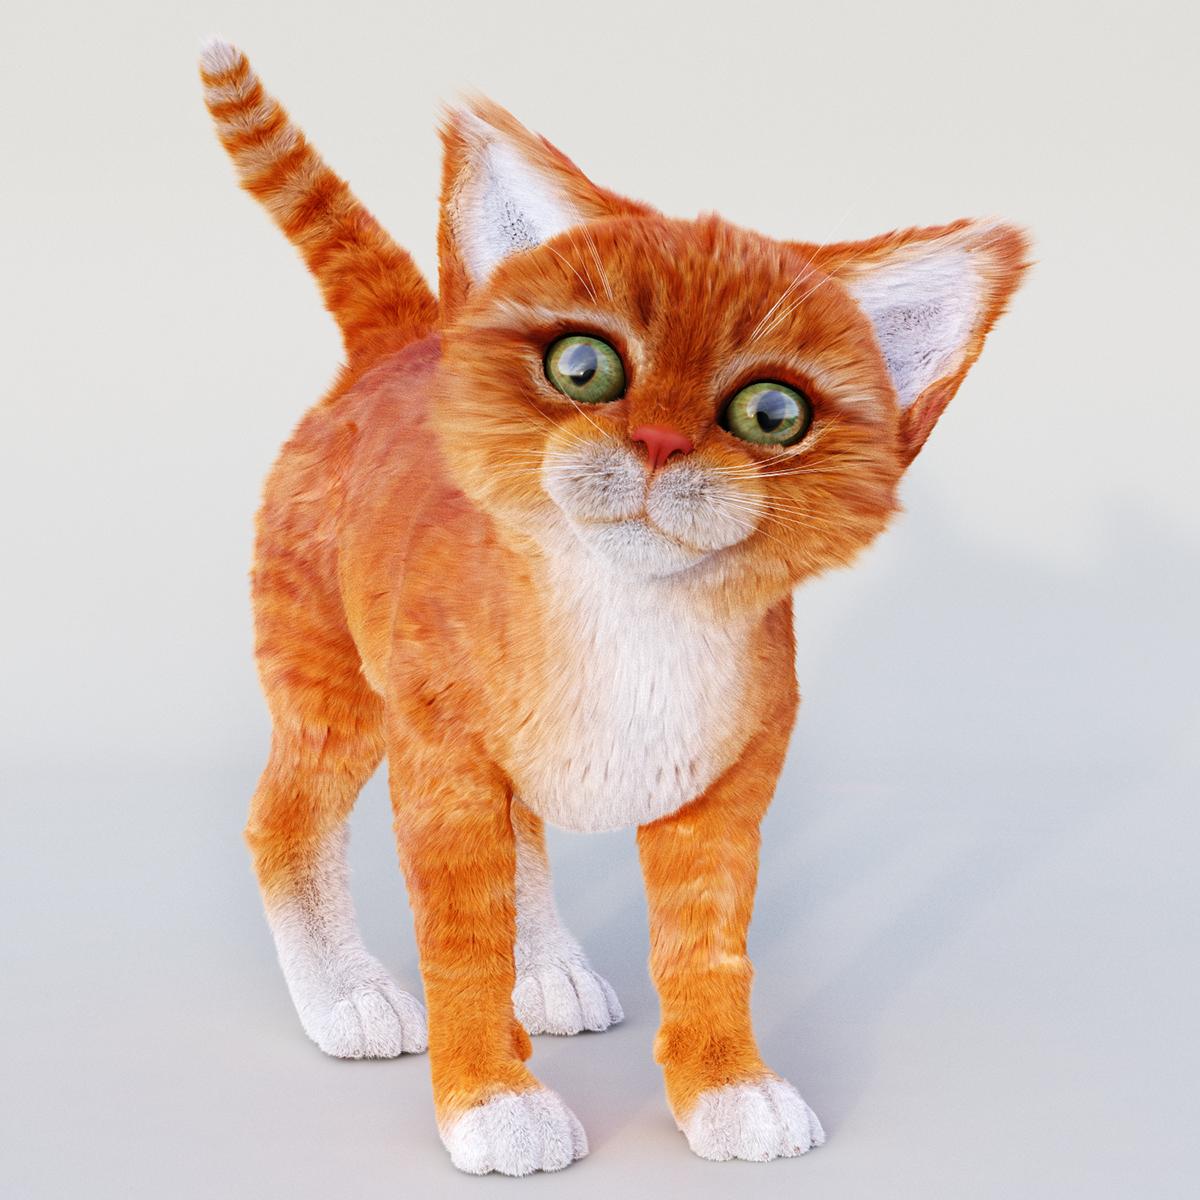 3d model of CAT on Behance